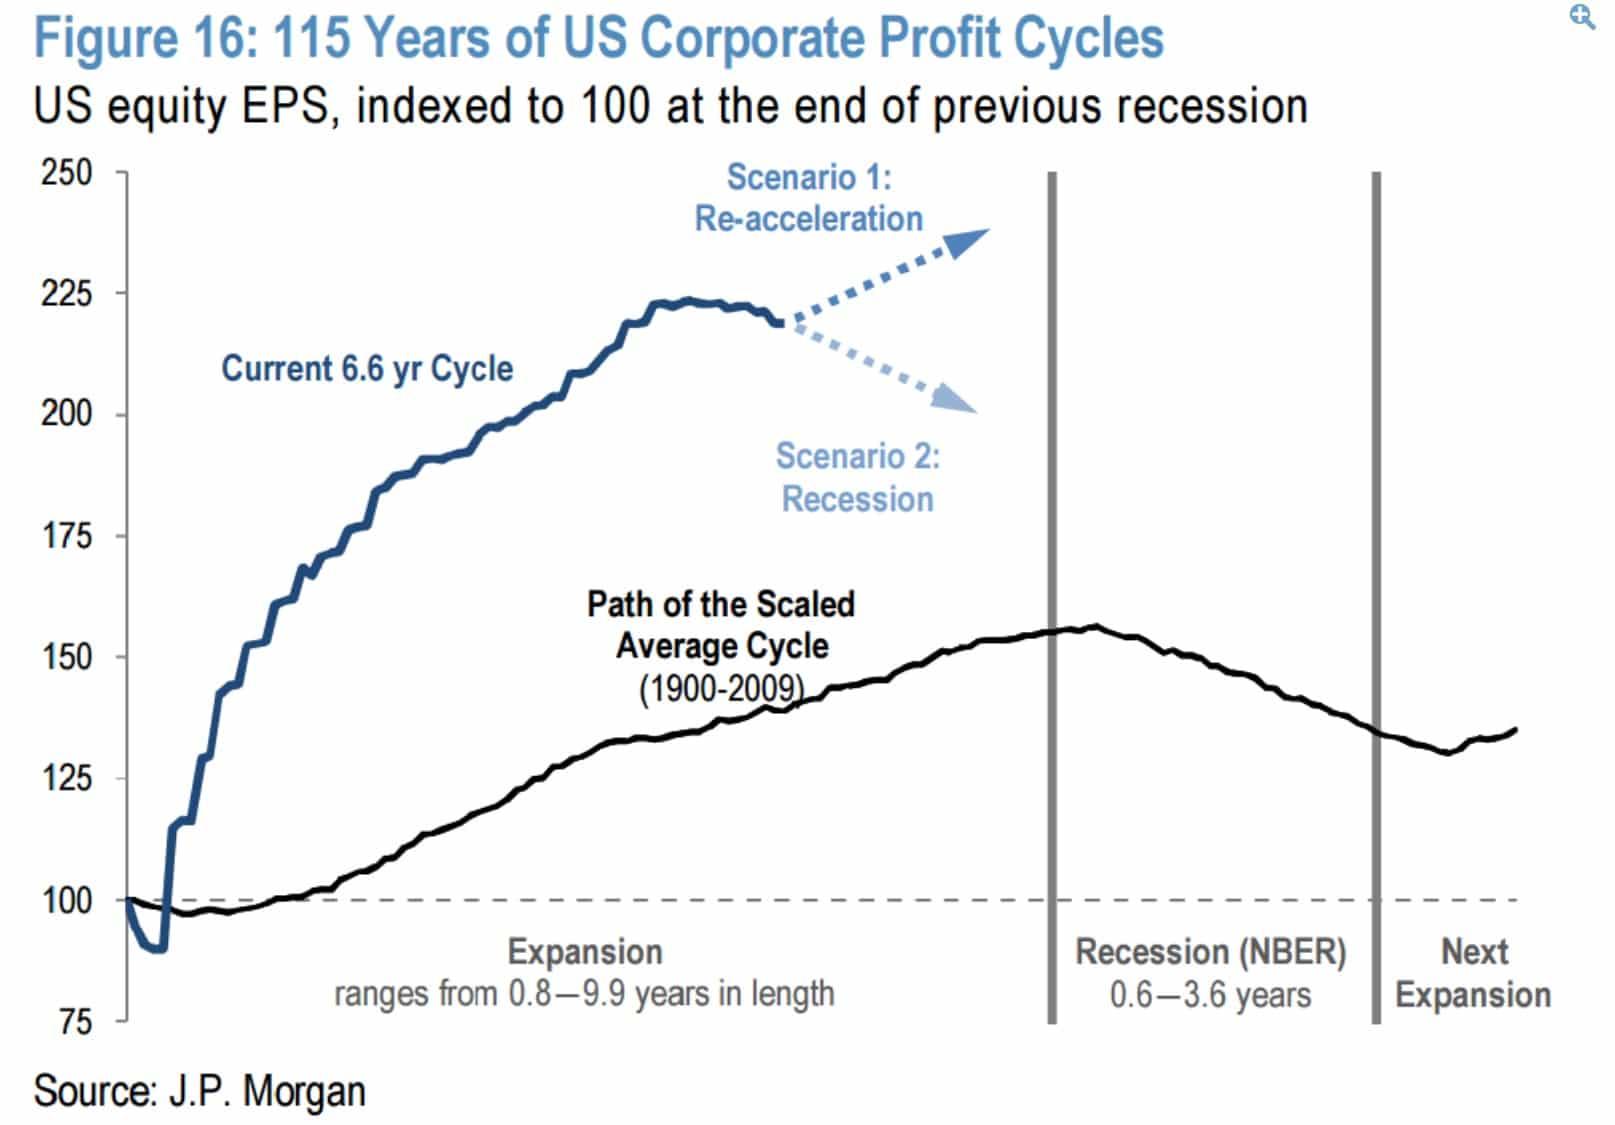 Ciclo de beneficios corporativos en los ultimos 115 años en EEUU